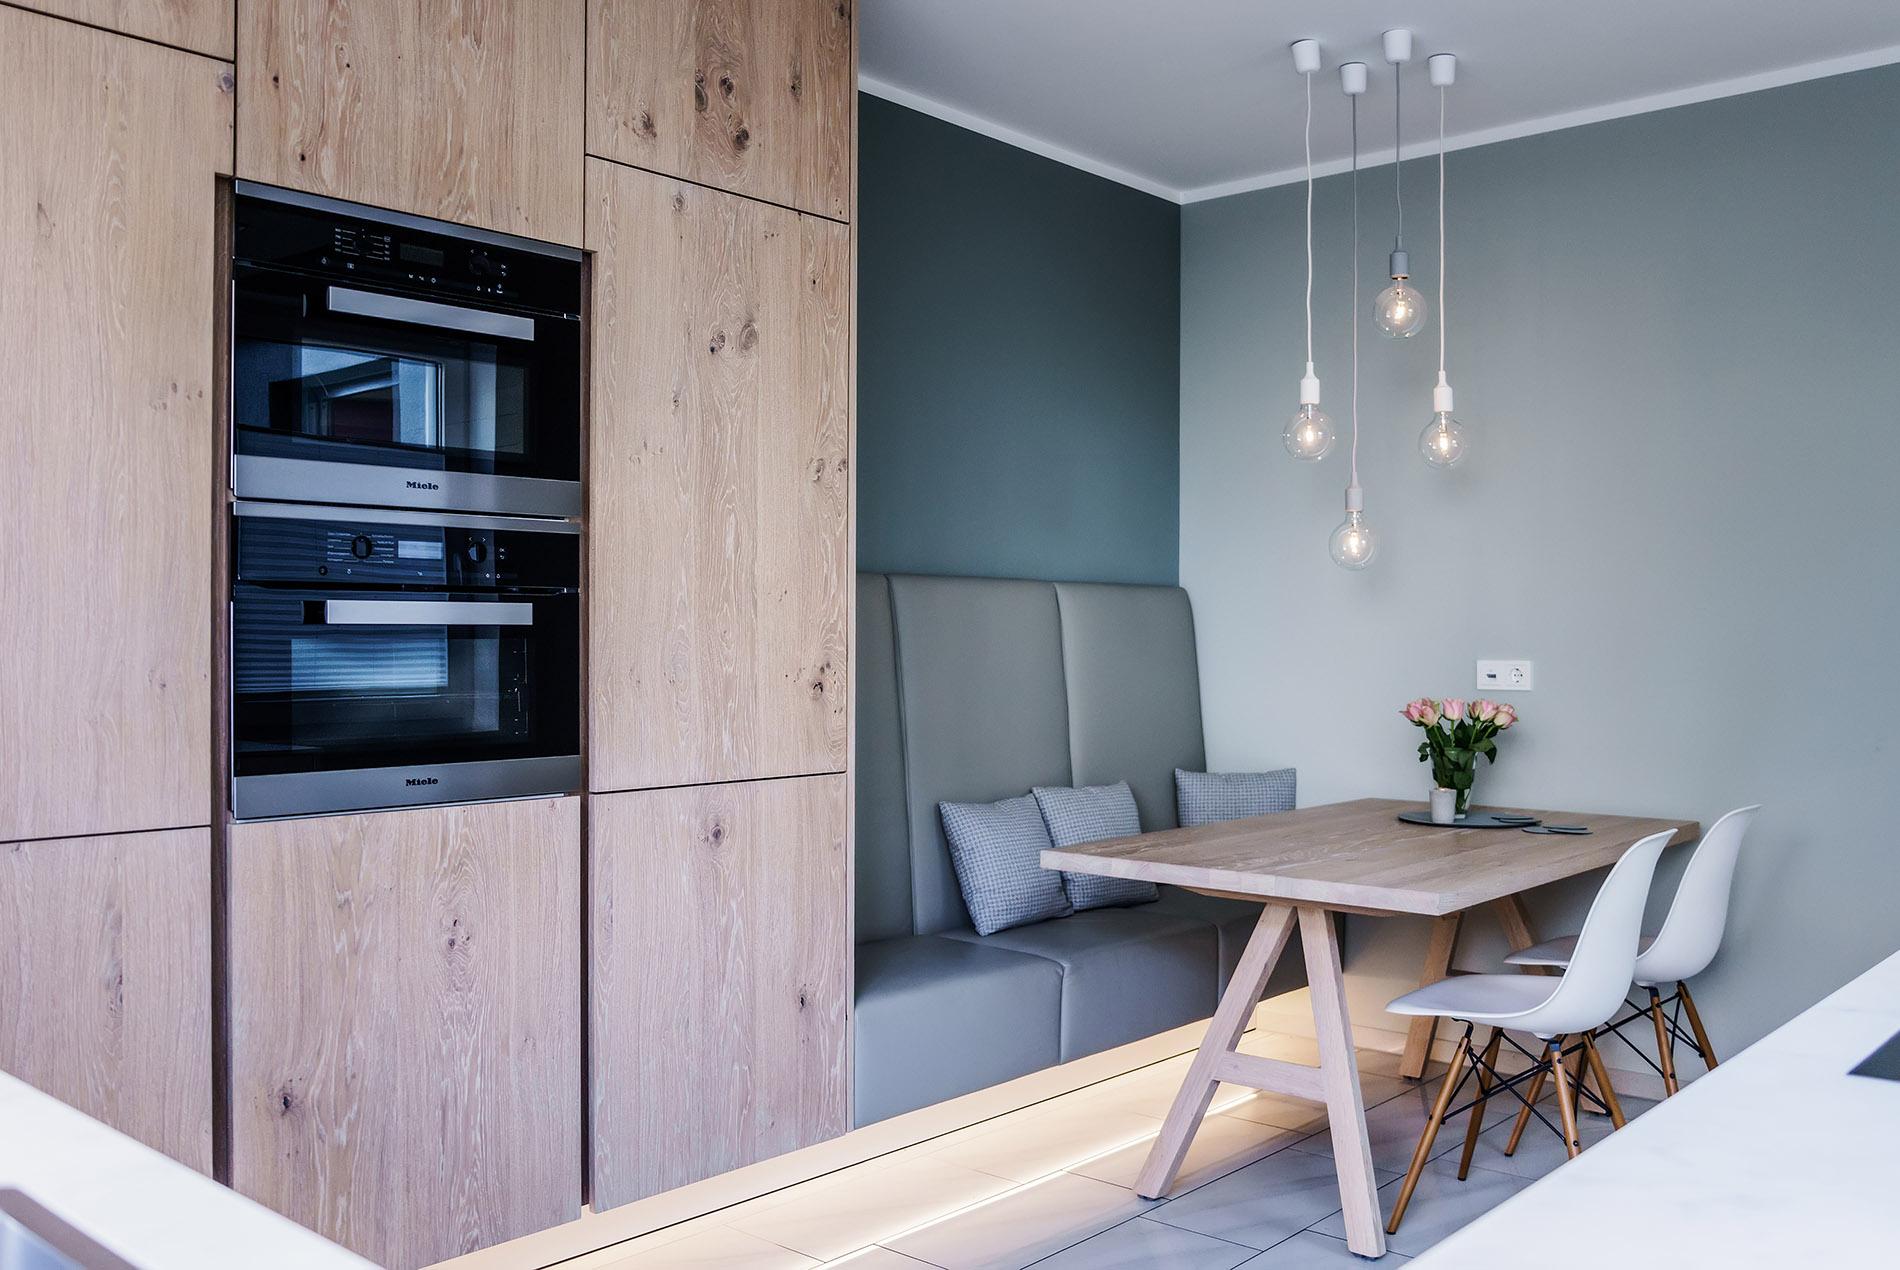 moderne k che im skandinavischen look tischlerei sch pker. Black Bedroom Furniture Sets. Home Design Ideas